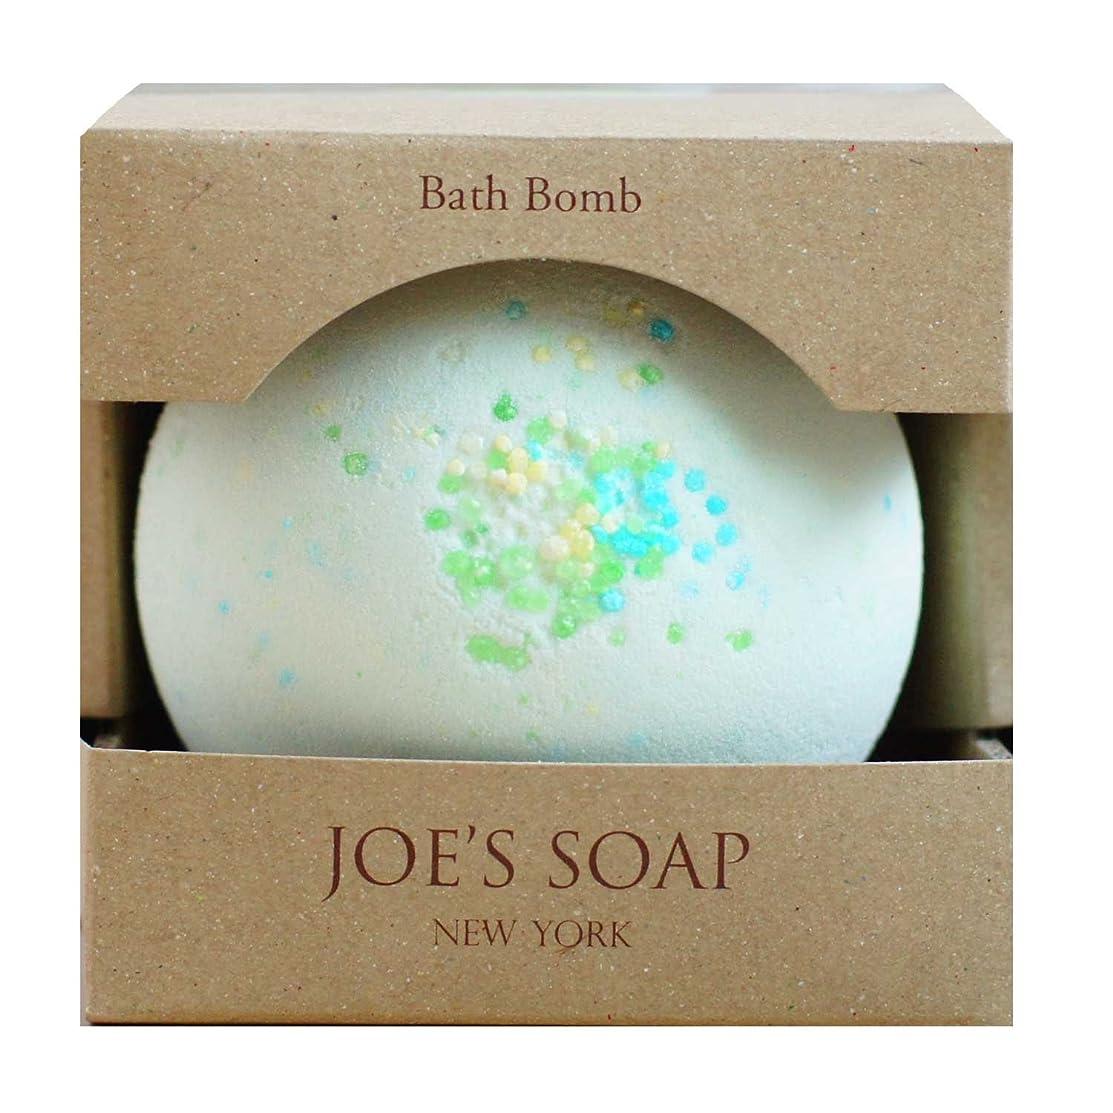 車両愛人必需品JOE'S SOAP ( ジョーズソープ ) バスボム(JASMINE) バスボール 入浴剤 保湿 ボディケア スキンケア オリーブオイル はちみつ フト プレゼント